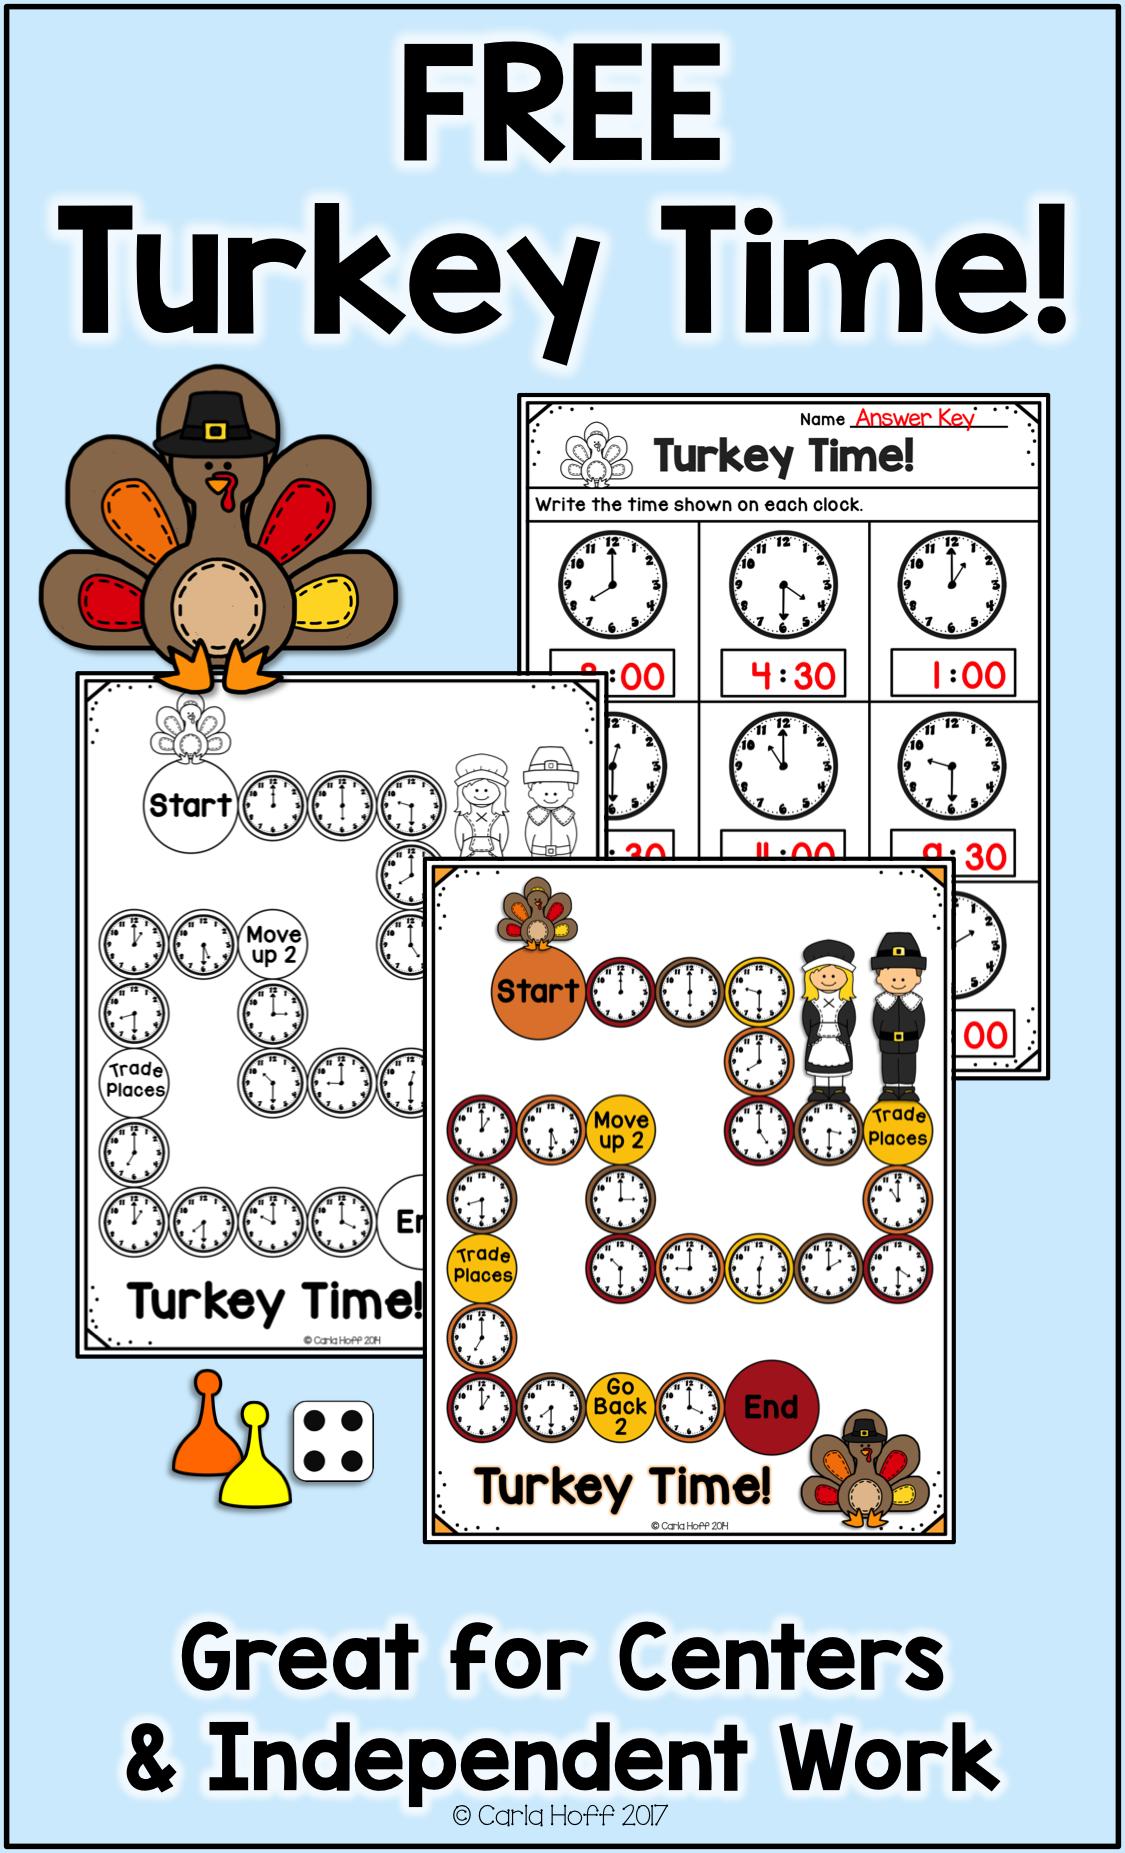 Free Thanksgiving Telling Time Game Thanksgiving Math Thanksgiving Math Activities Thanksgiving Math Games [ 1853 x 1125 Pixel ]